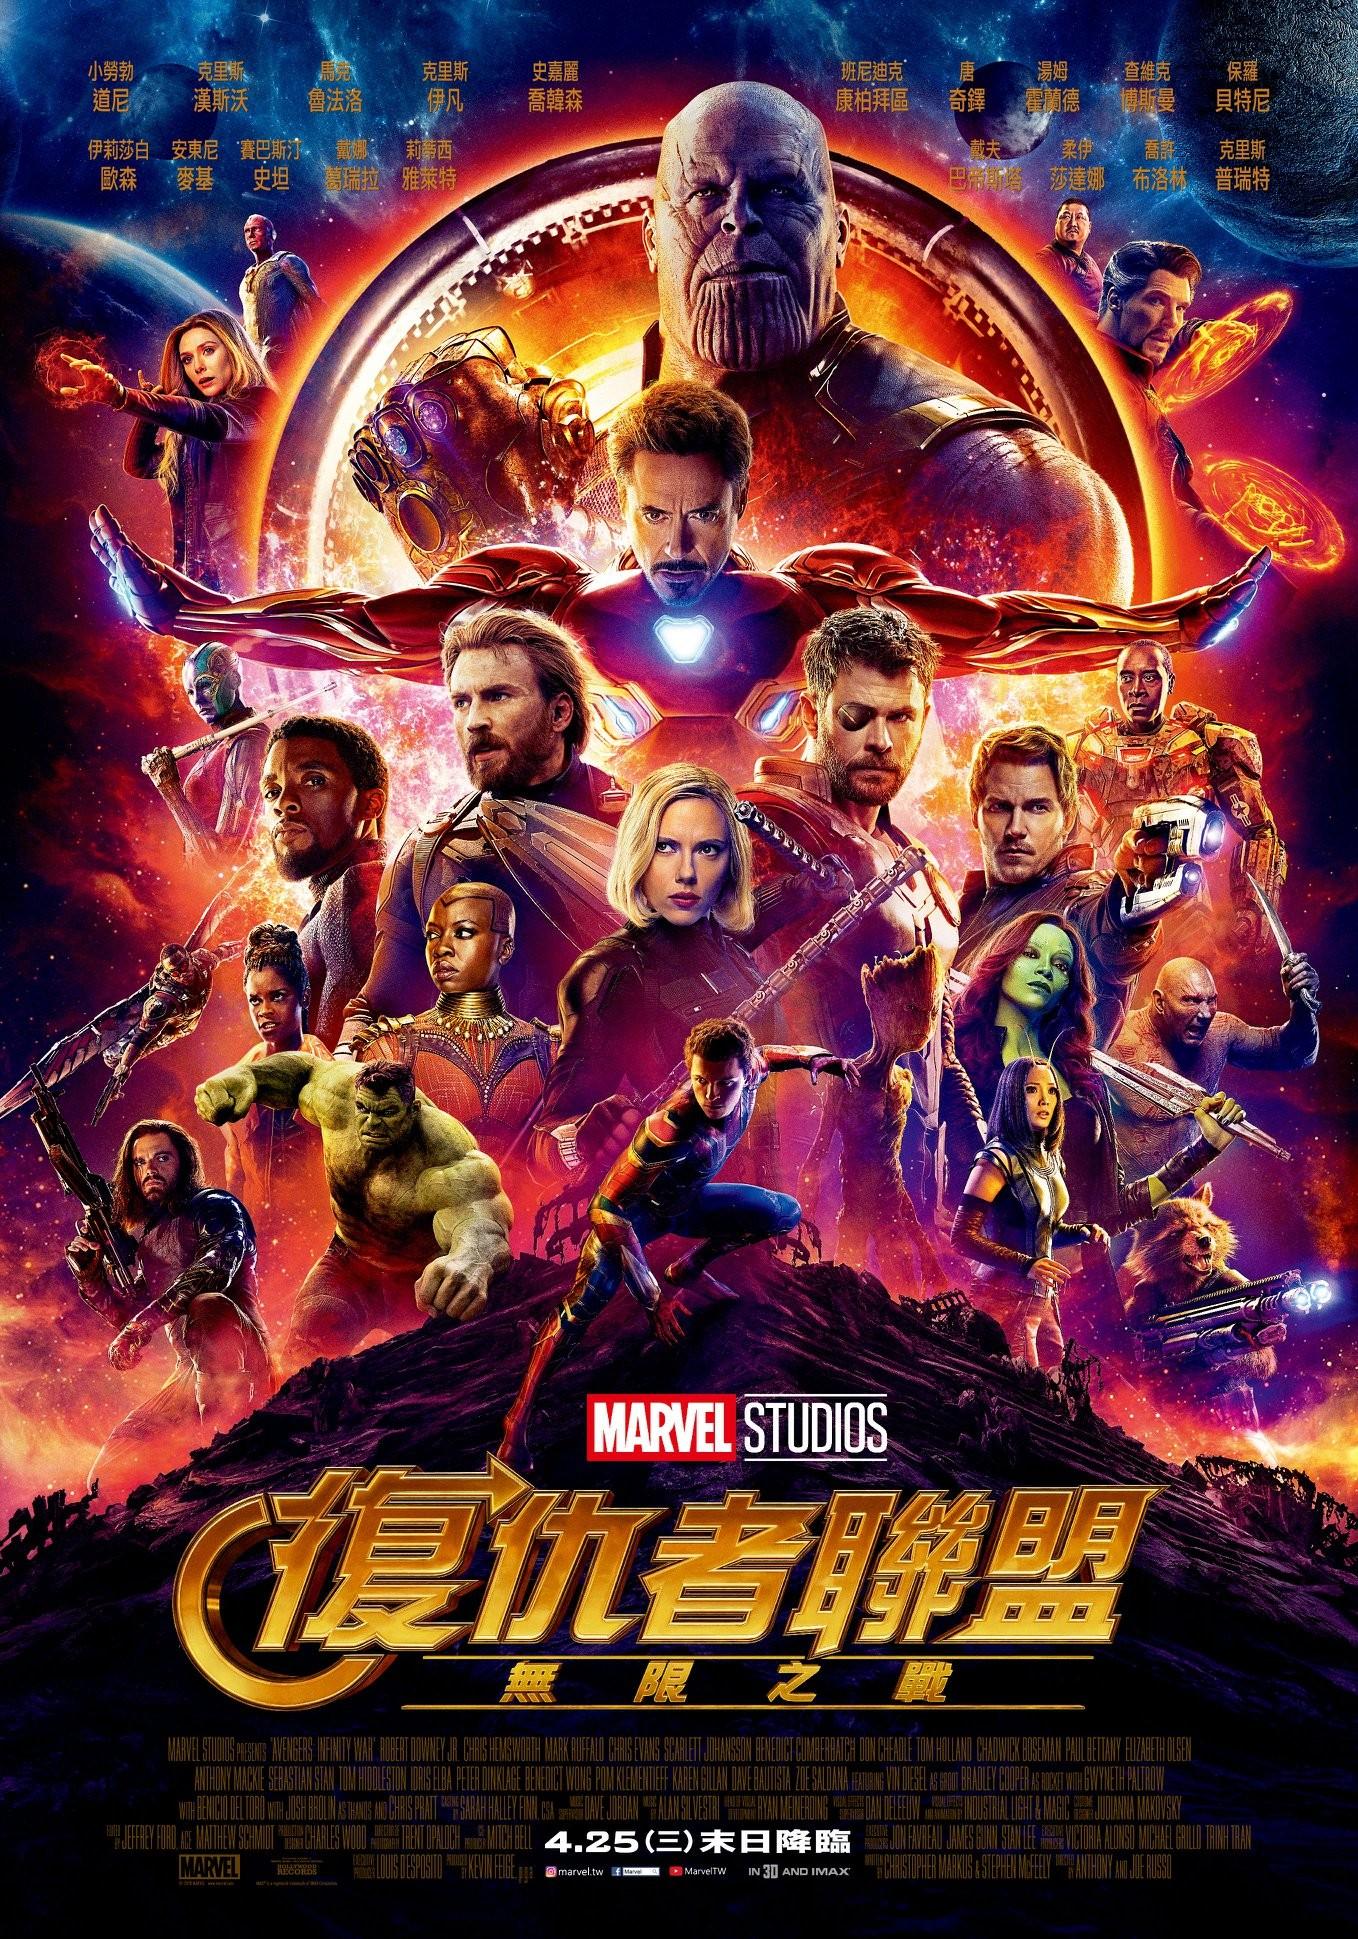 ▼《复仇者联盟3:无限之战》中文海报 .(图/迪士尼提供)